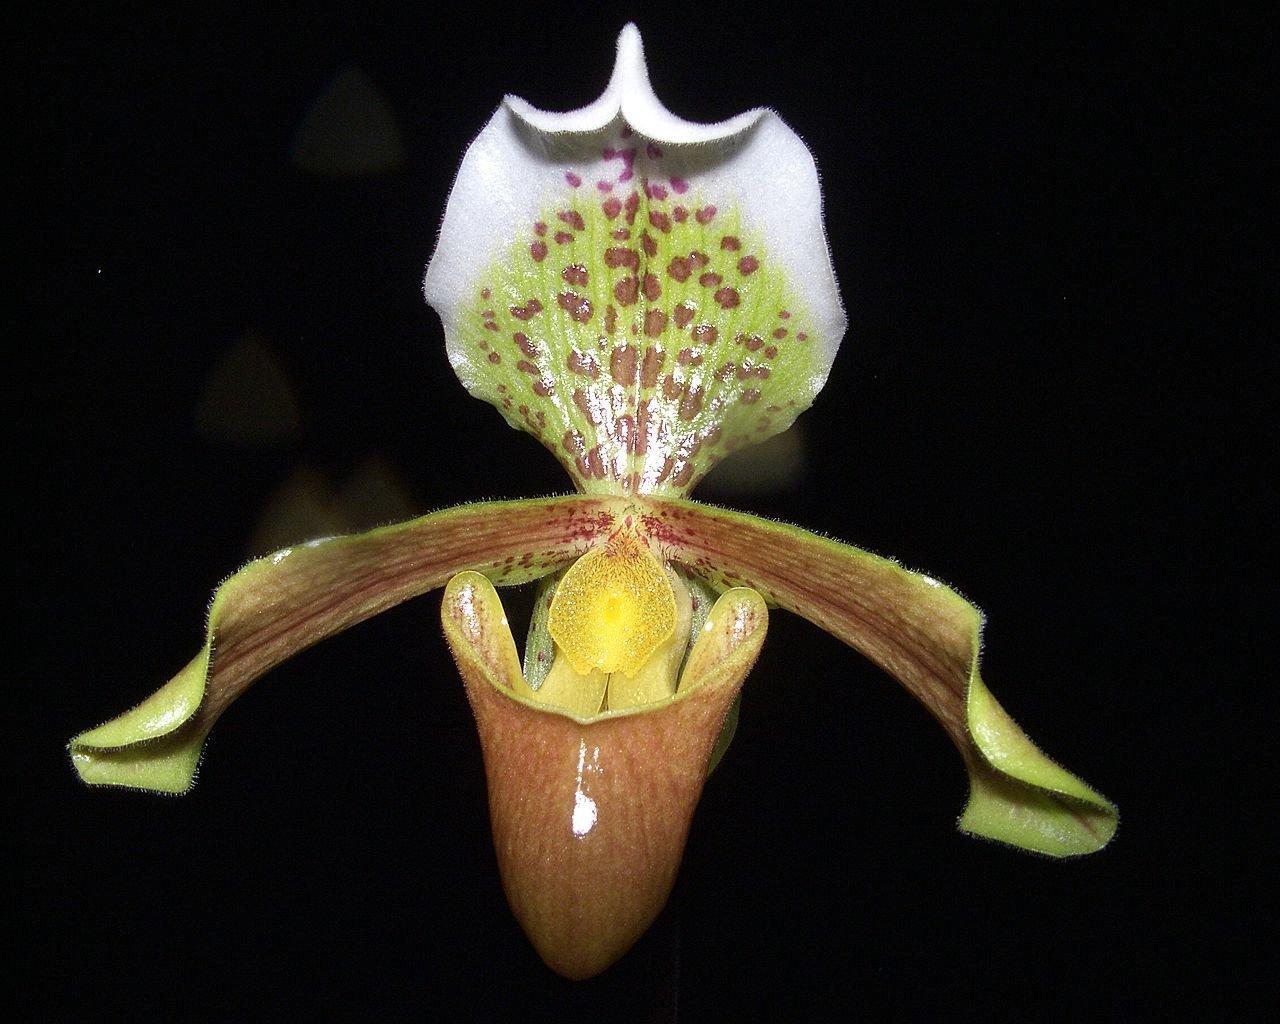 Paphiopedilum insigne Slipper Orchid